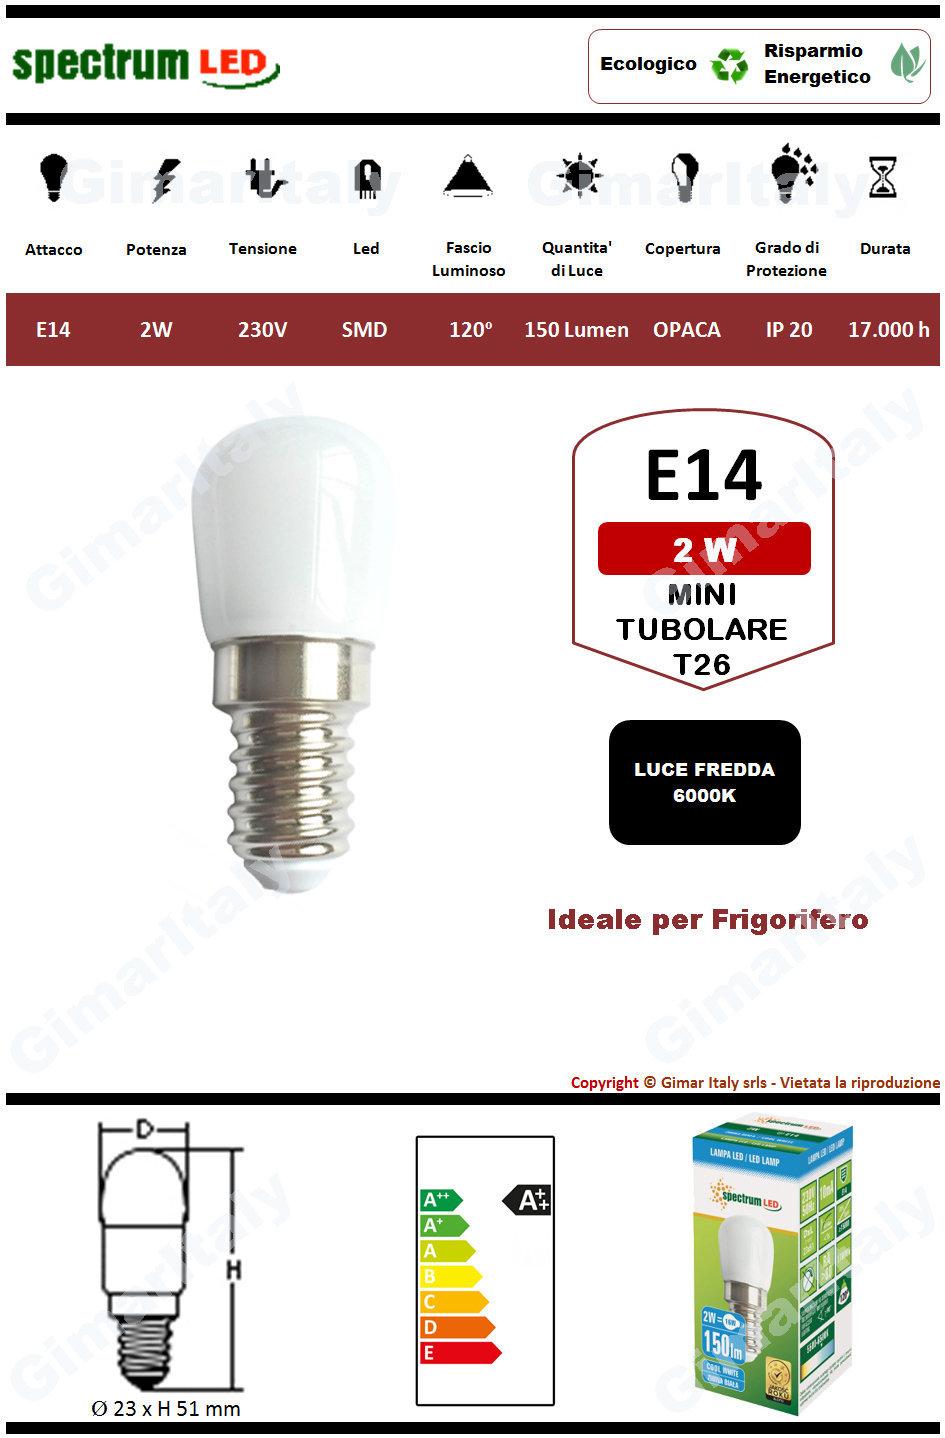 Lampadina Led E14 tubolare T26 2W luce fredda Spectrum